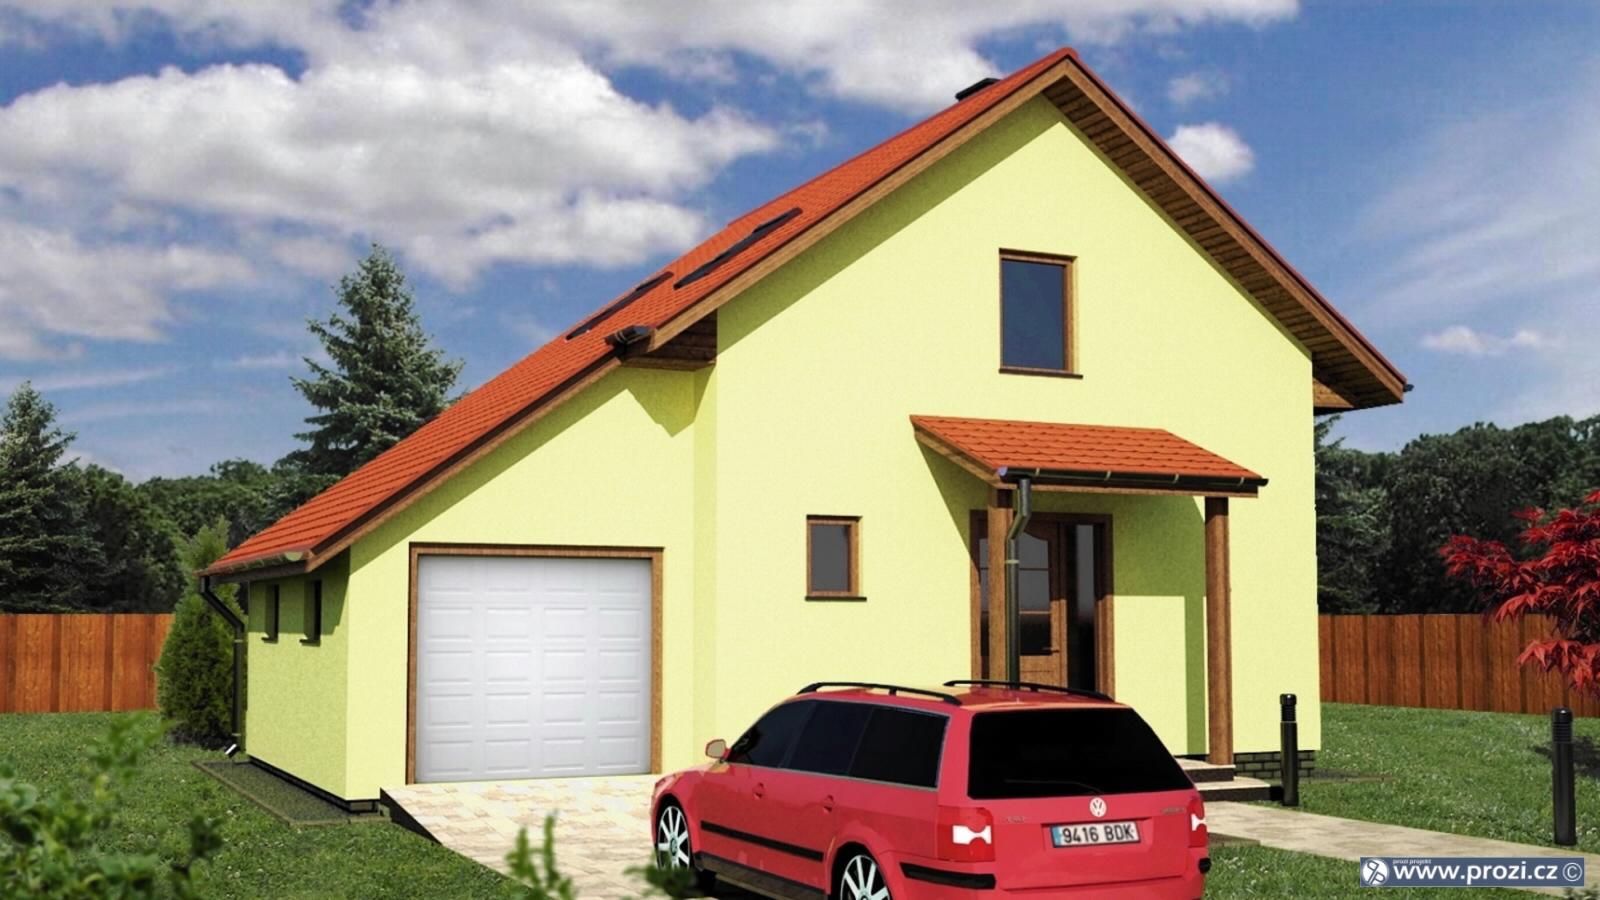 Projekt domu nemusí být jen sen